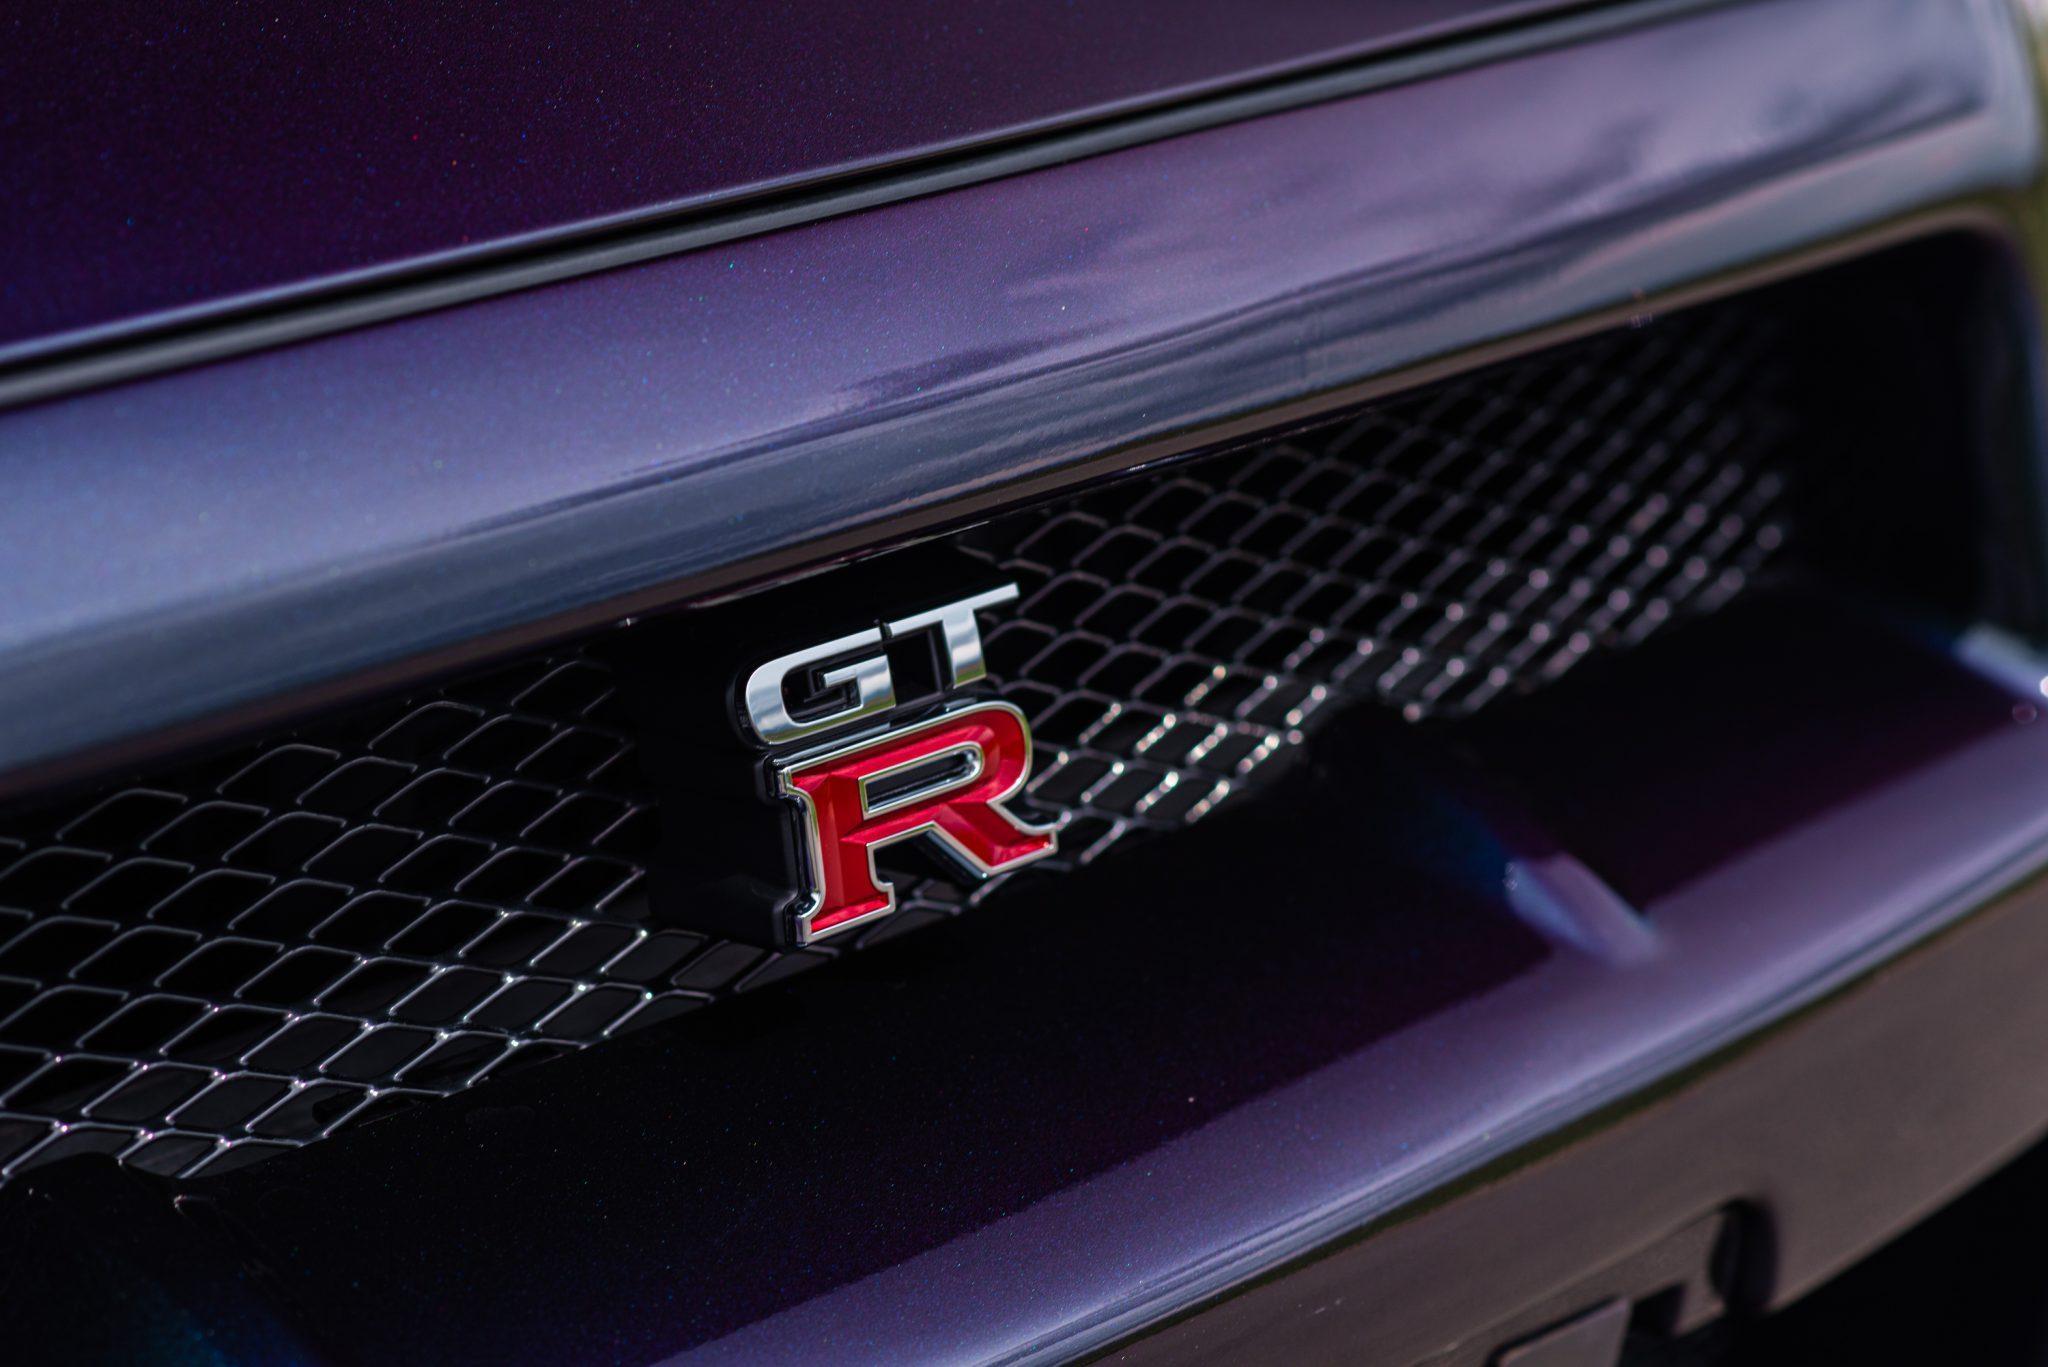 1999 Nissan Skyline GT-R V-Spec grille badge